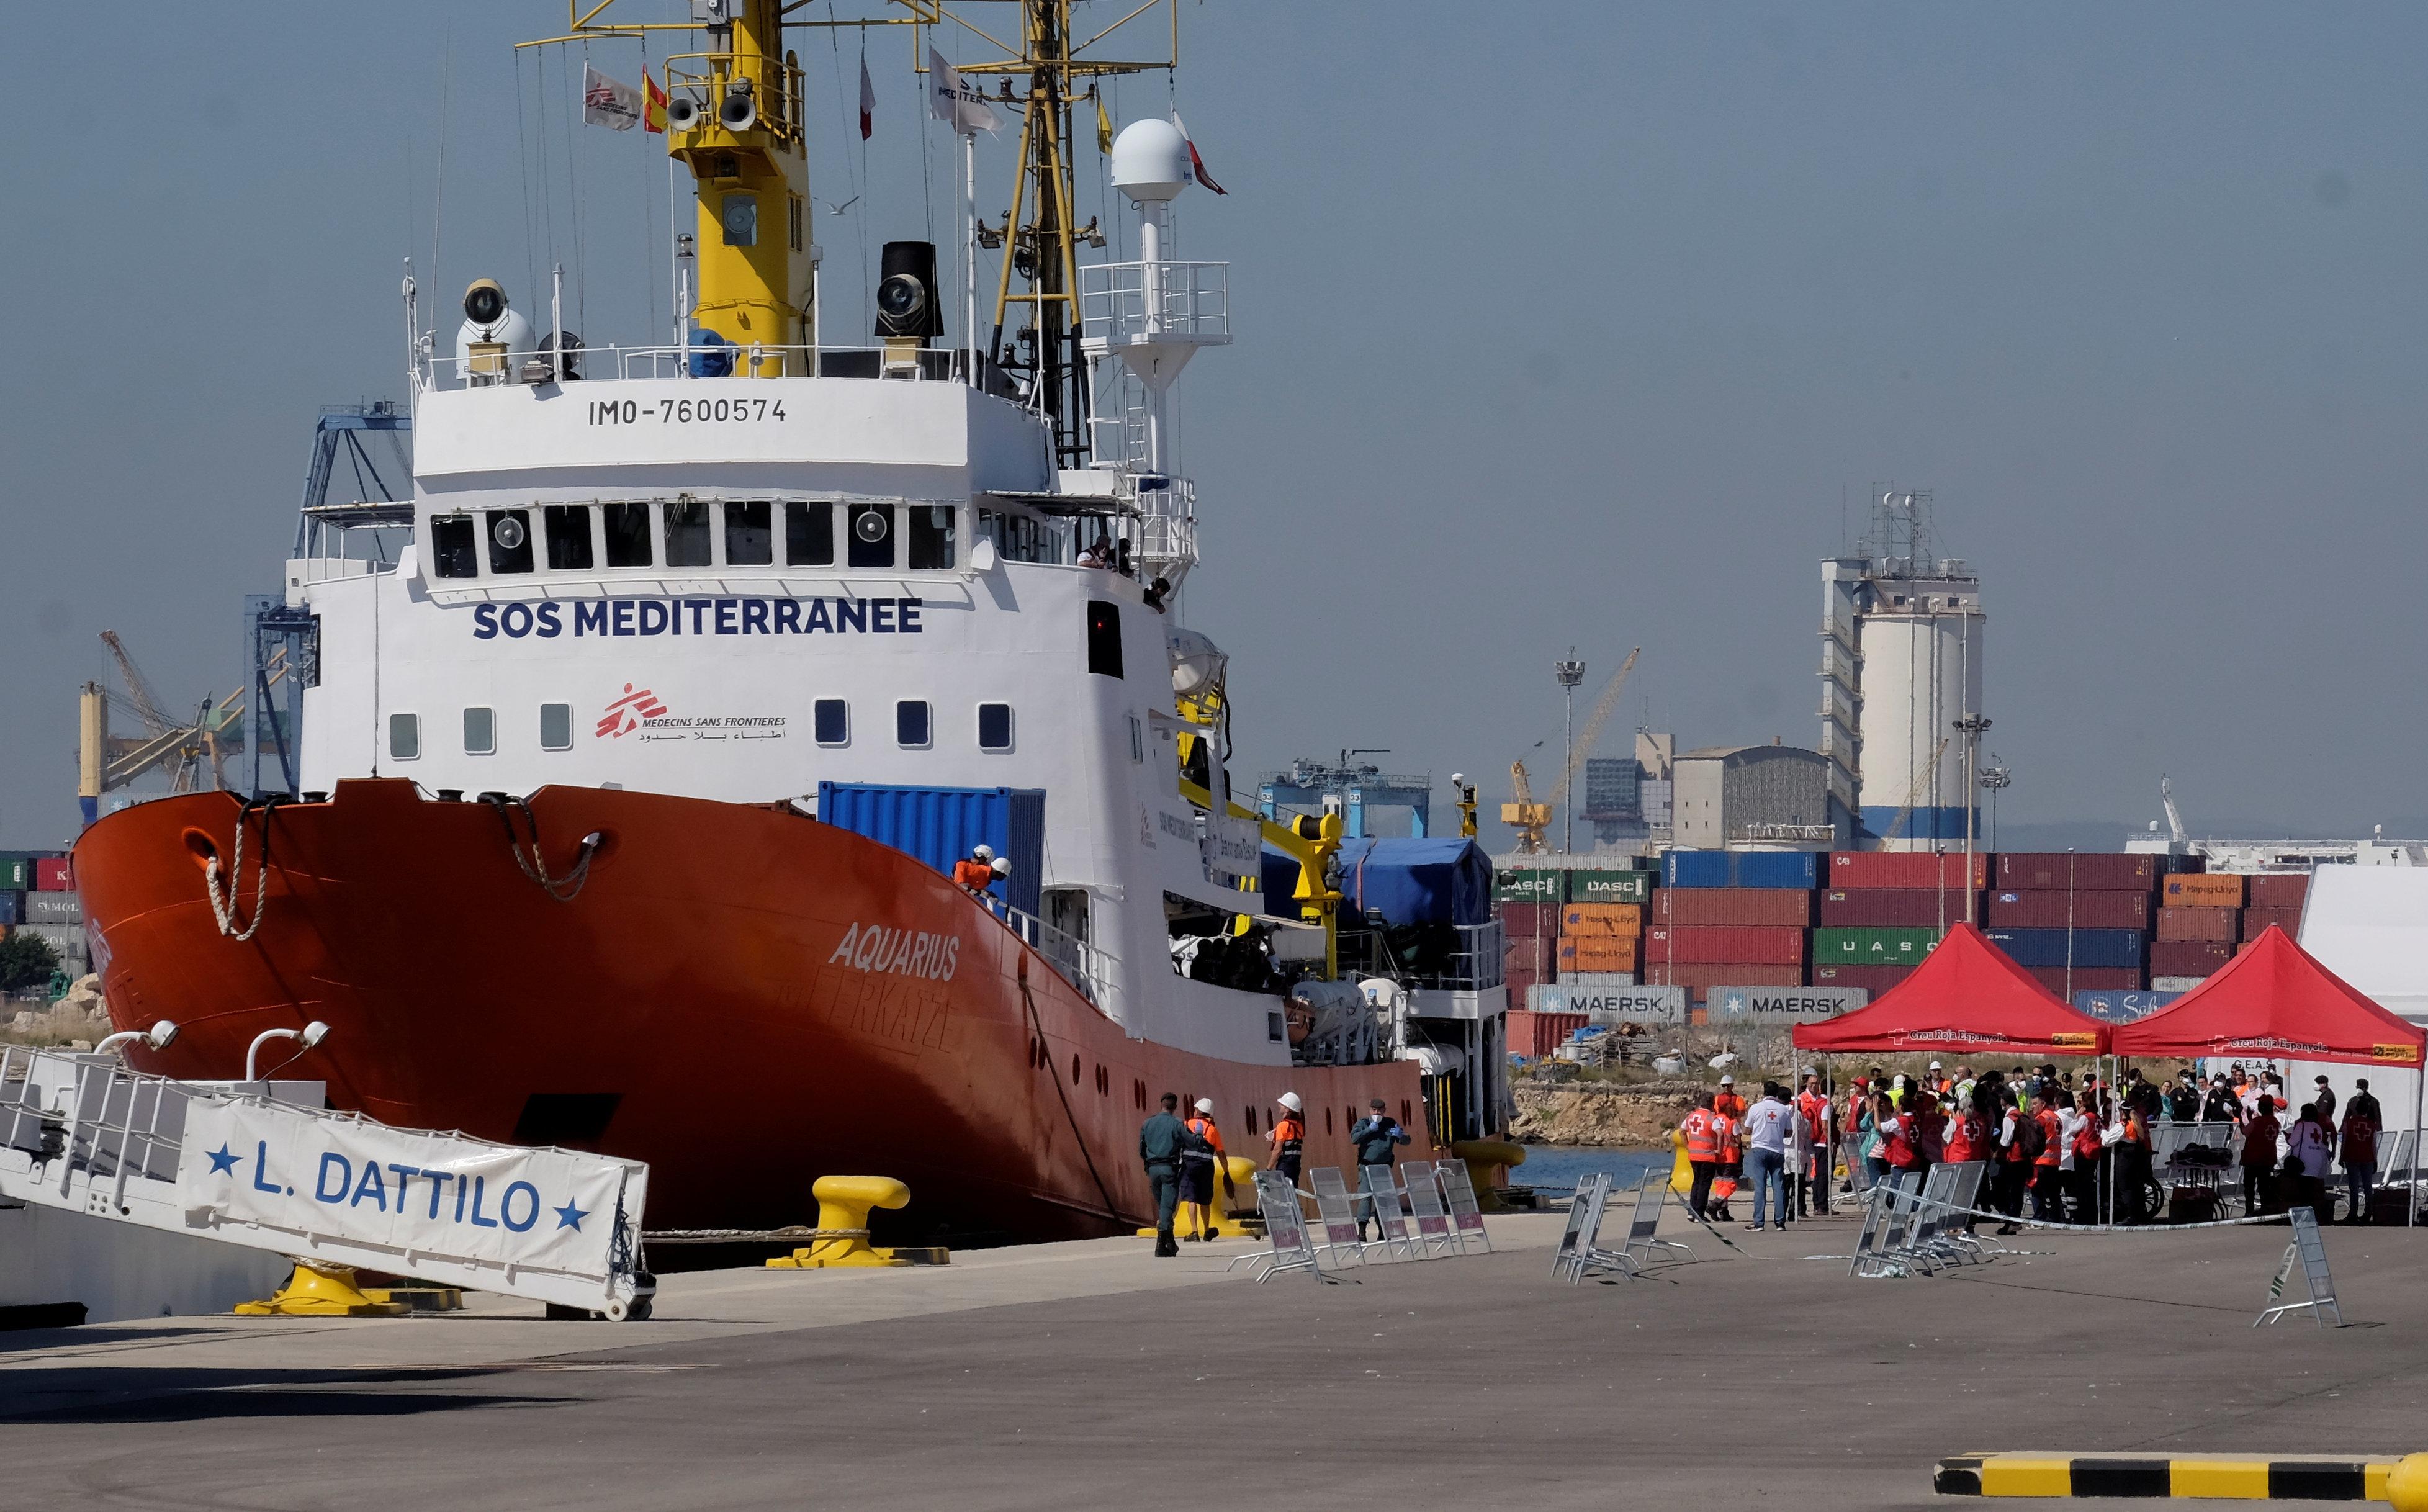 이탈리아와 미국의 비인도적 '난민거부' 조치가 비판받고